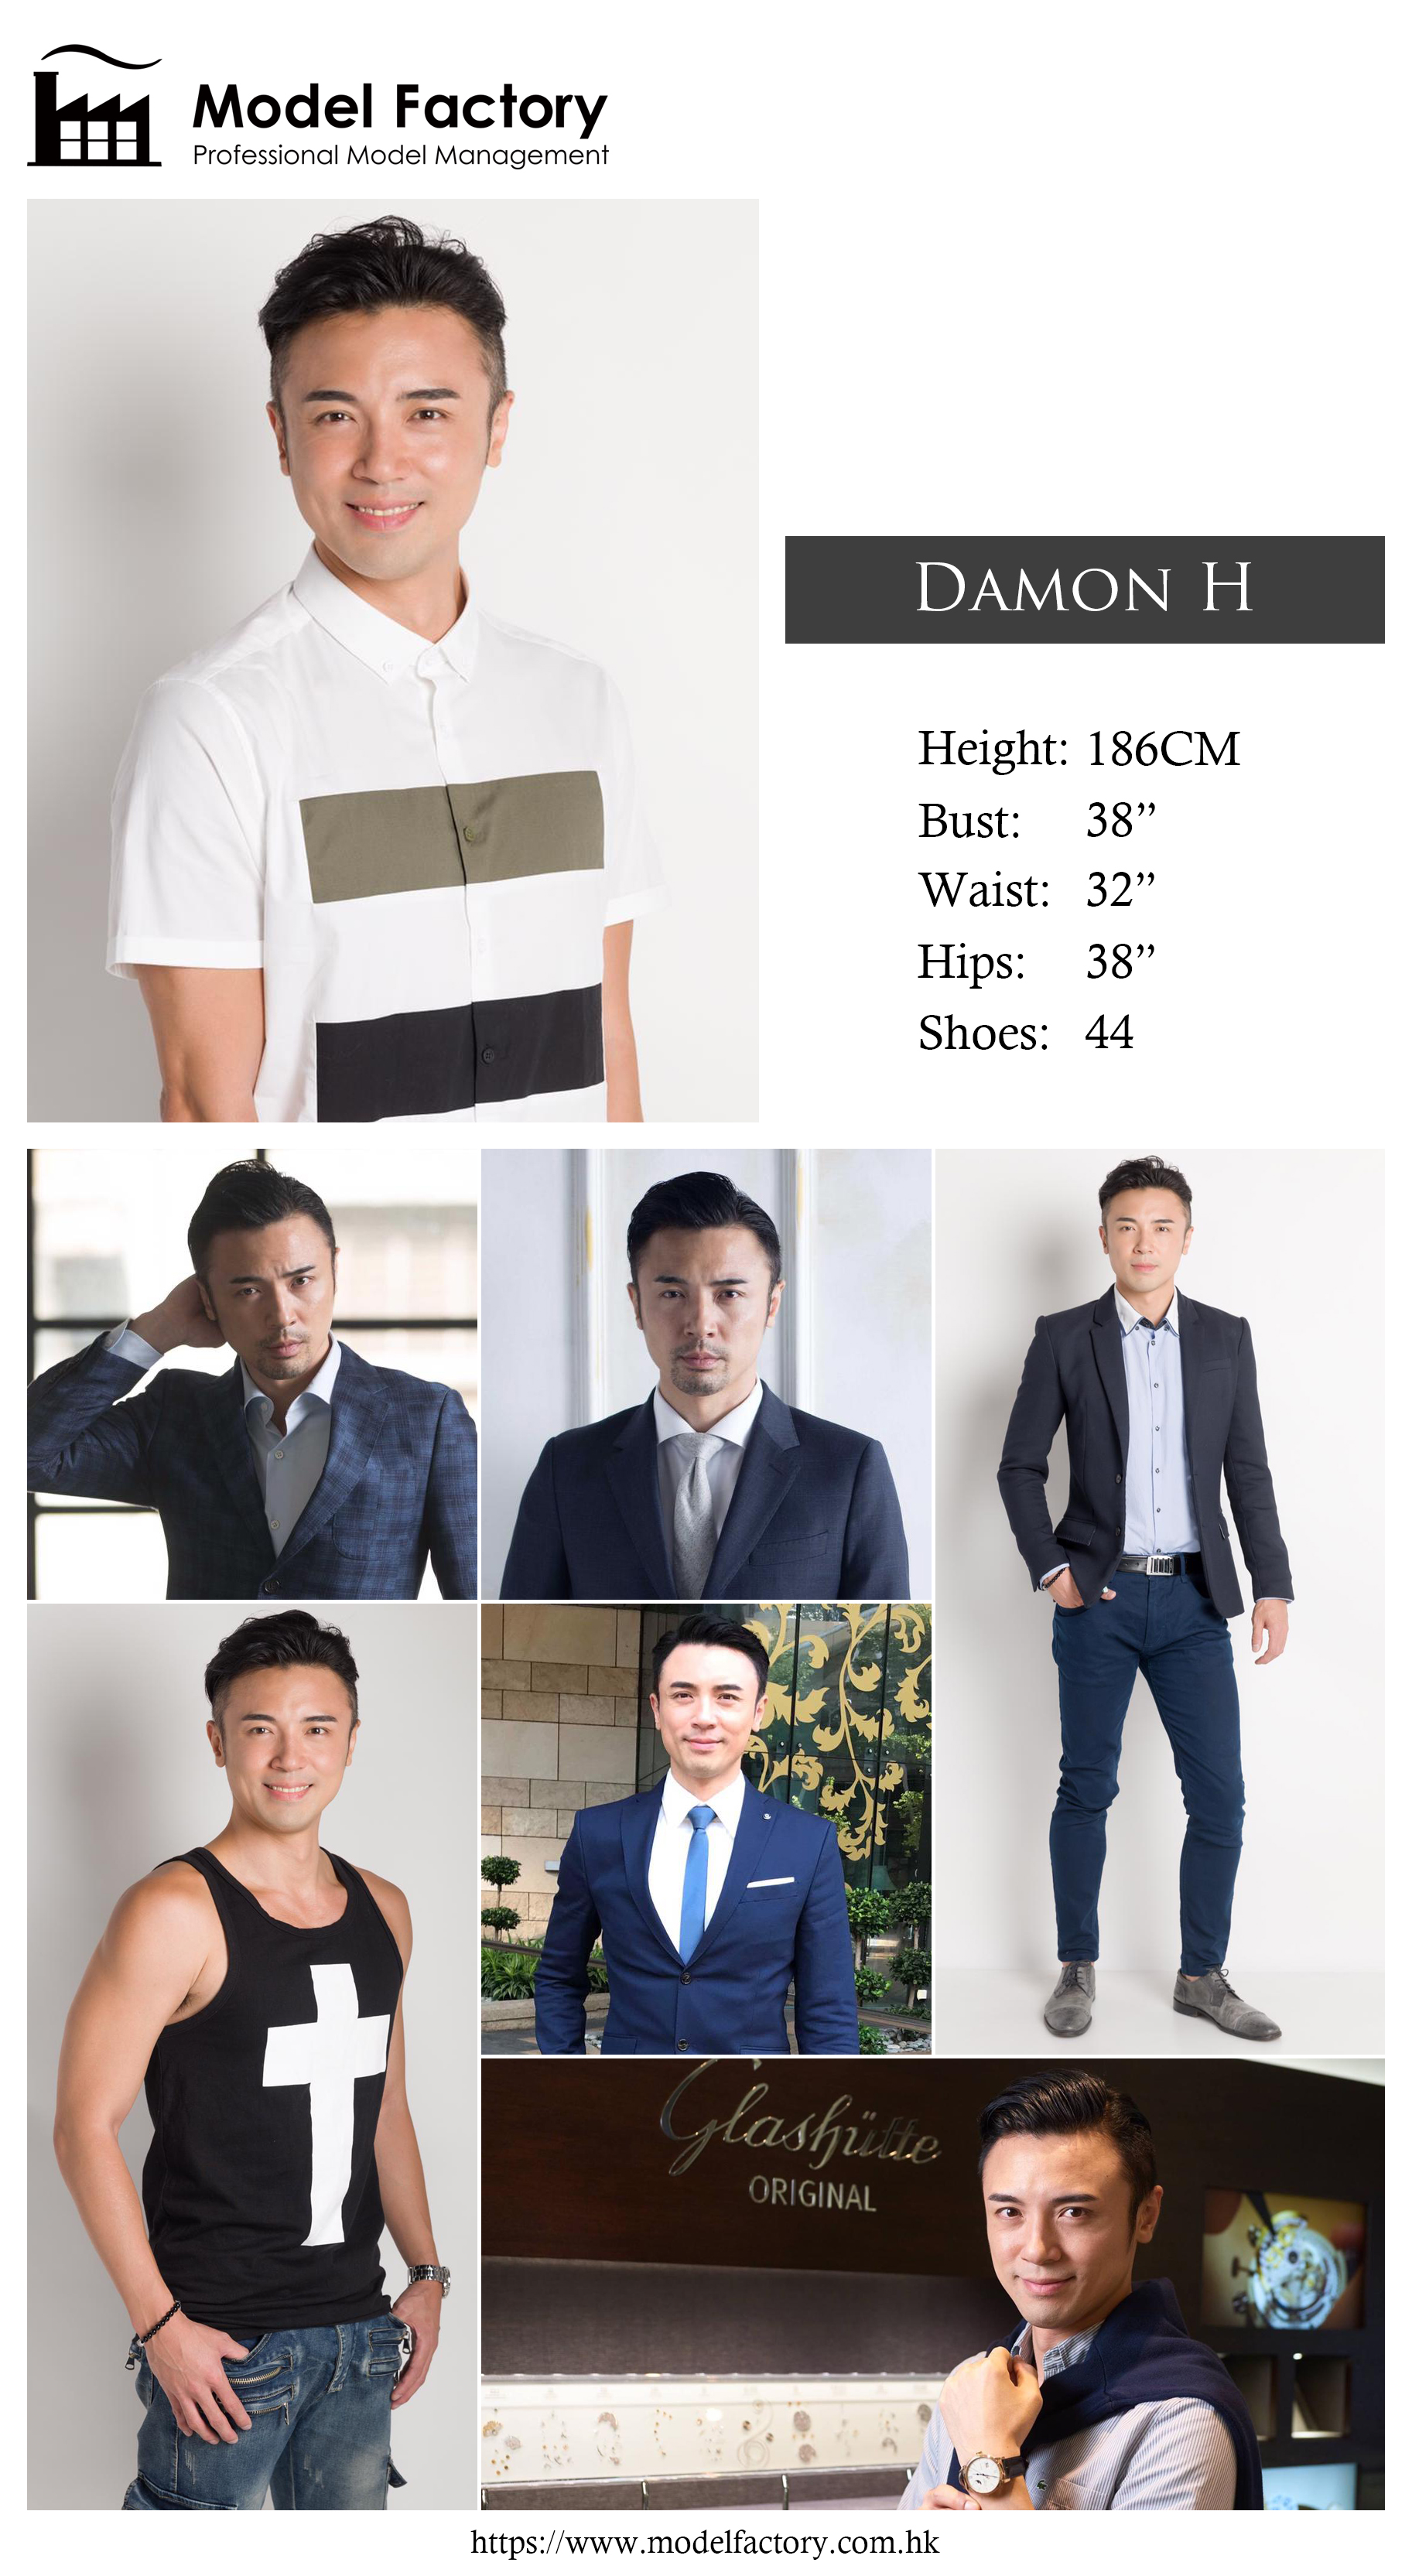 Model Factory Hong Kong Male Model DamonH